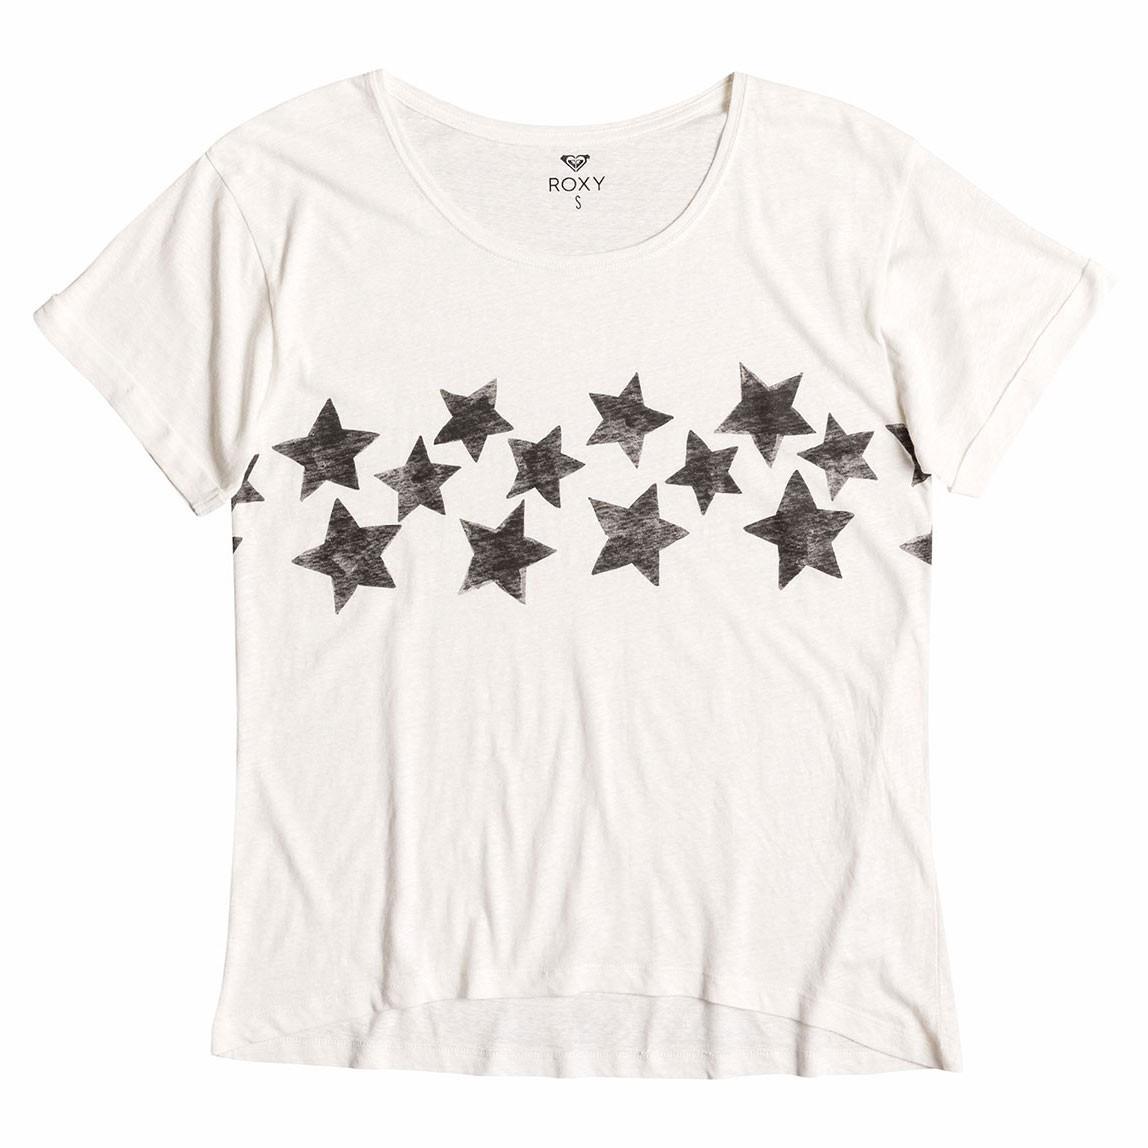 Tričko Roxy Stars Dq sea spray vel.L 15 + doručení do 24 hodin